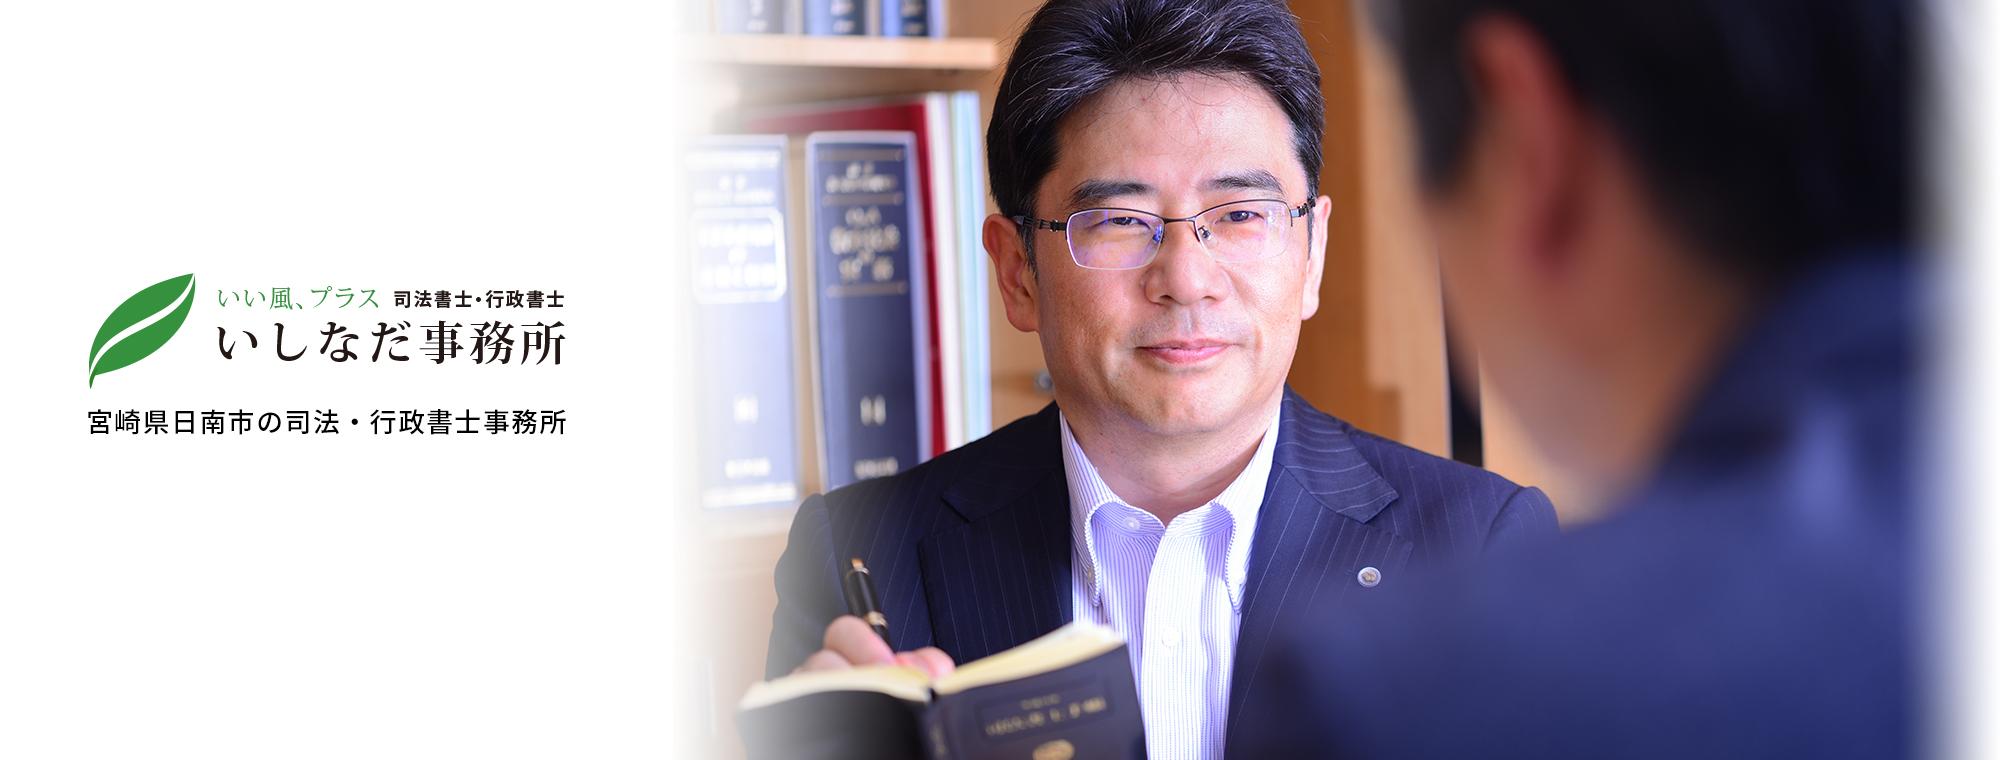 いい風プラス 司法書士・行政書士 いしなだ事務所 宮座事件日南市の司法・行政書士事務所